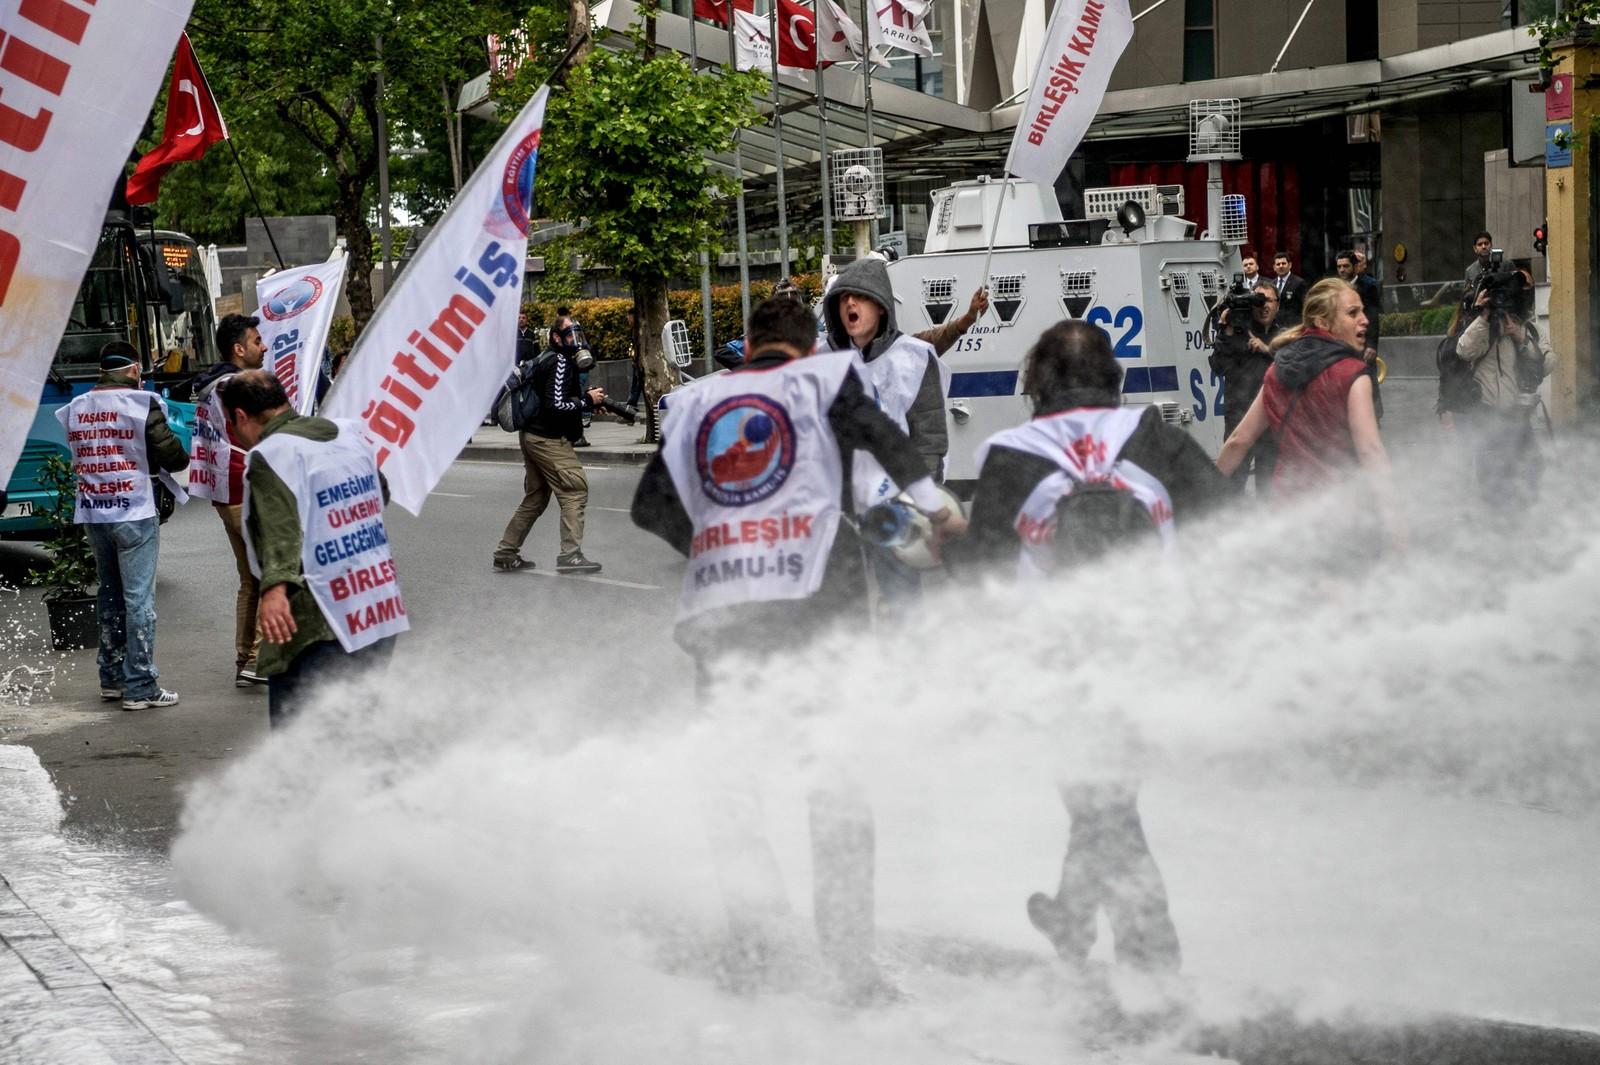 Opprørspoliti bruker vannkanoner mot oppmøtte i bydelen Sisli i Istanbul. Sikkerheten er forhøyet i Tyrkia etter at myndighetene har forbudt markeringer og demonstrasjoner på den kjente Taksimplassen i Istanbul 1. mai.